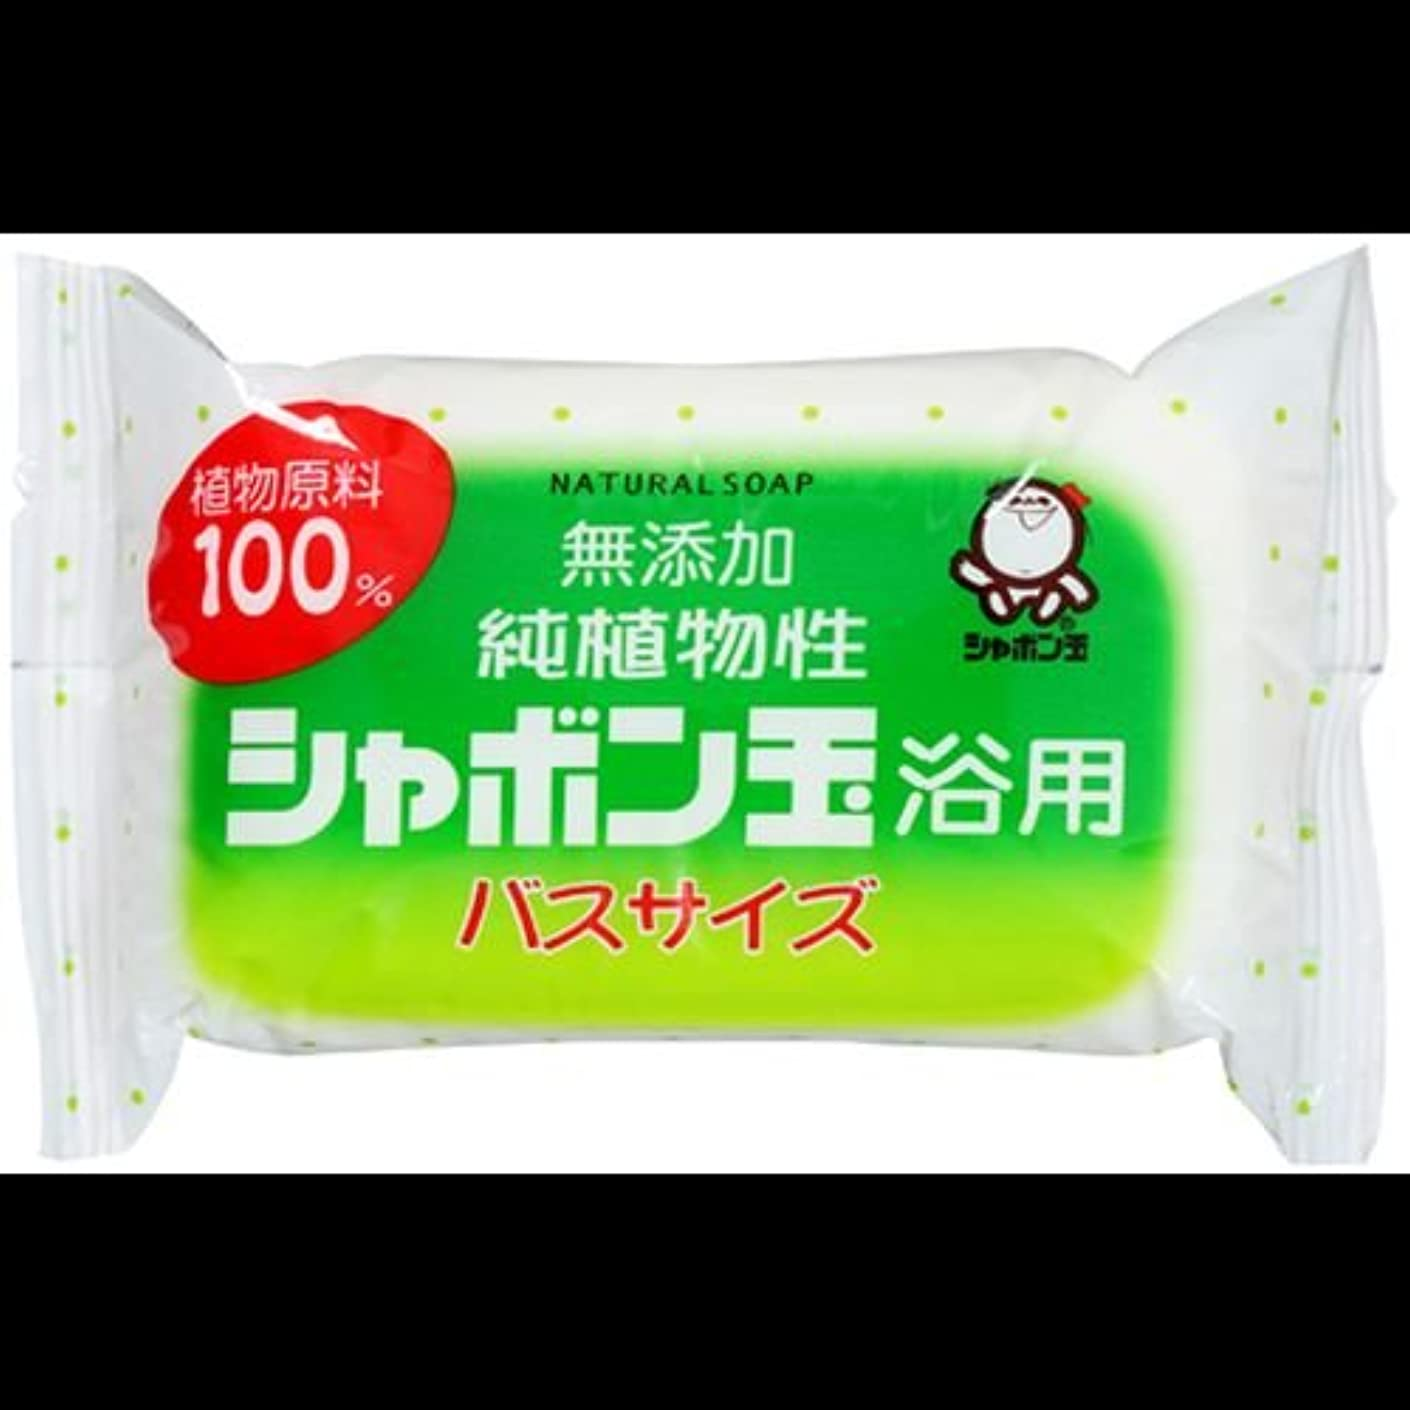 口ひげ重くするムス【まとめ買い】純植物性シャボン玉 浴用 バスサイズ155g ×2セット